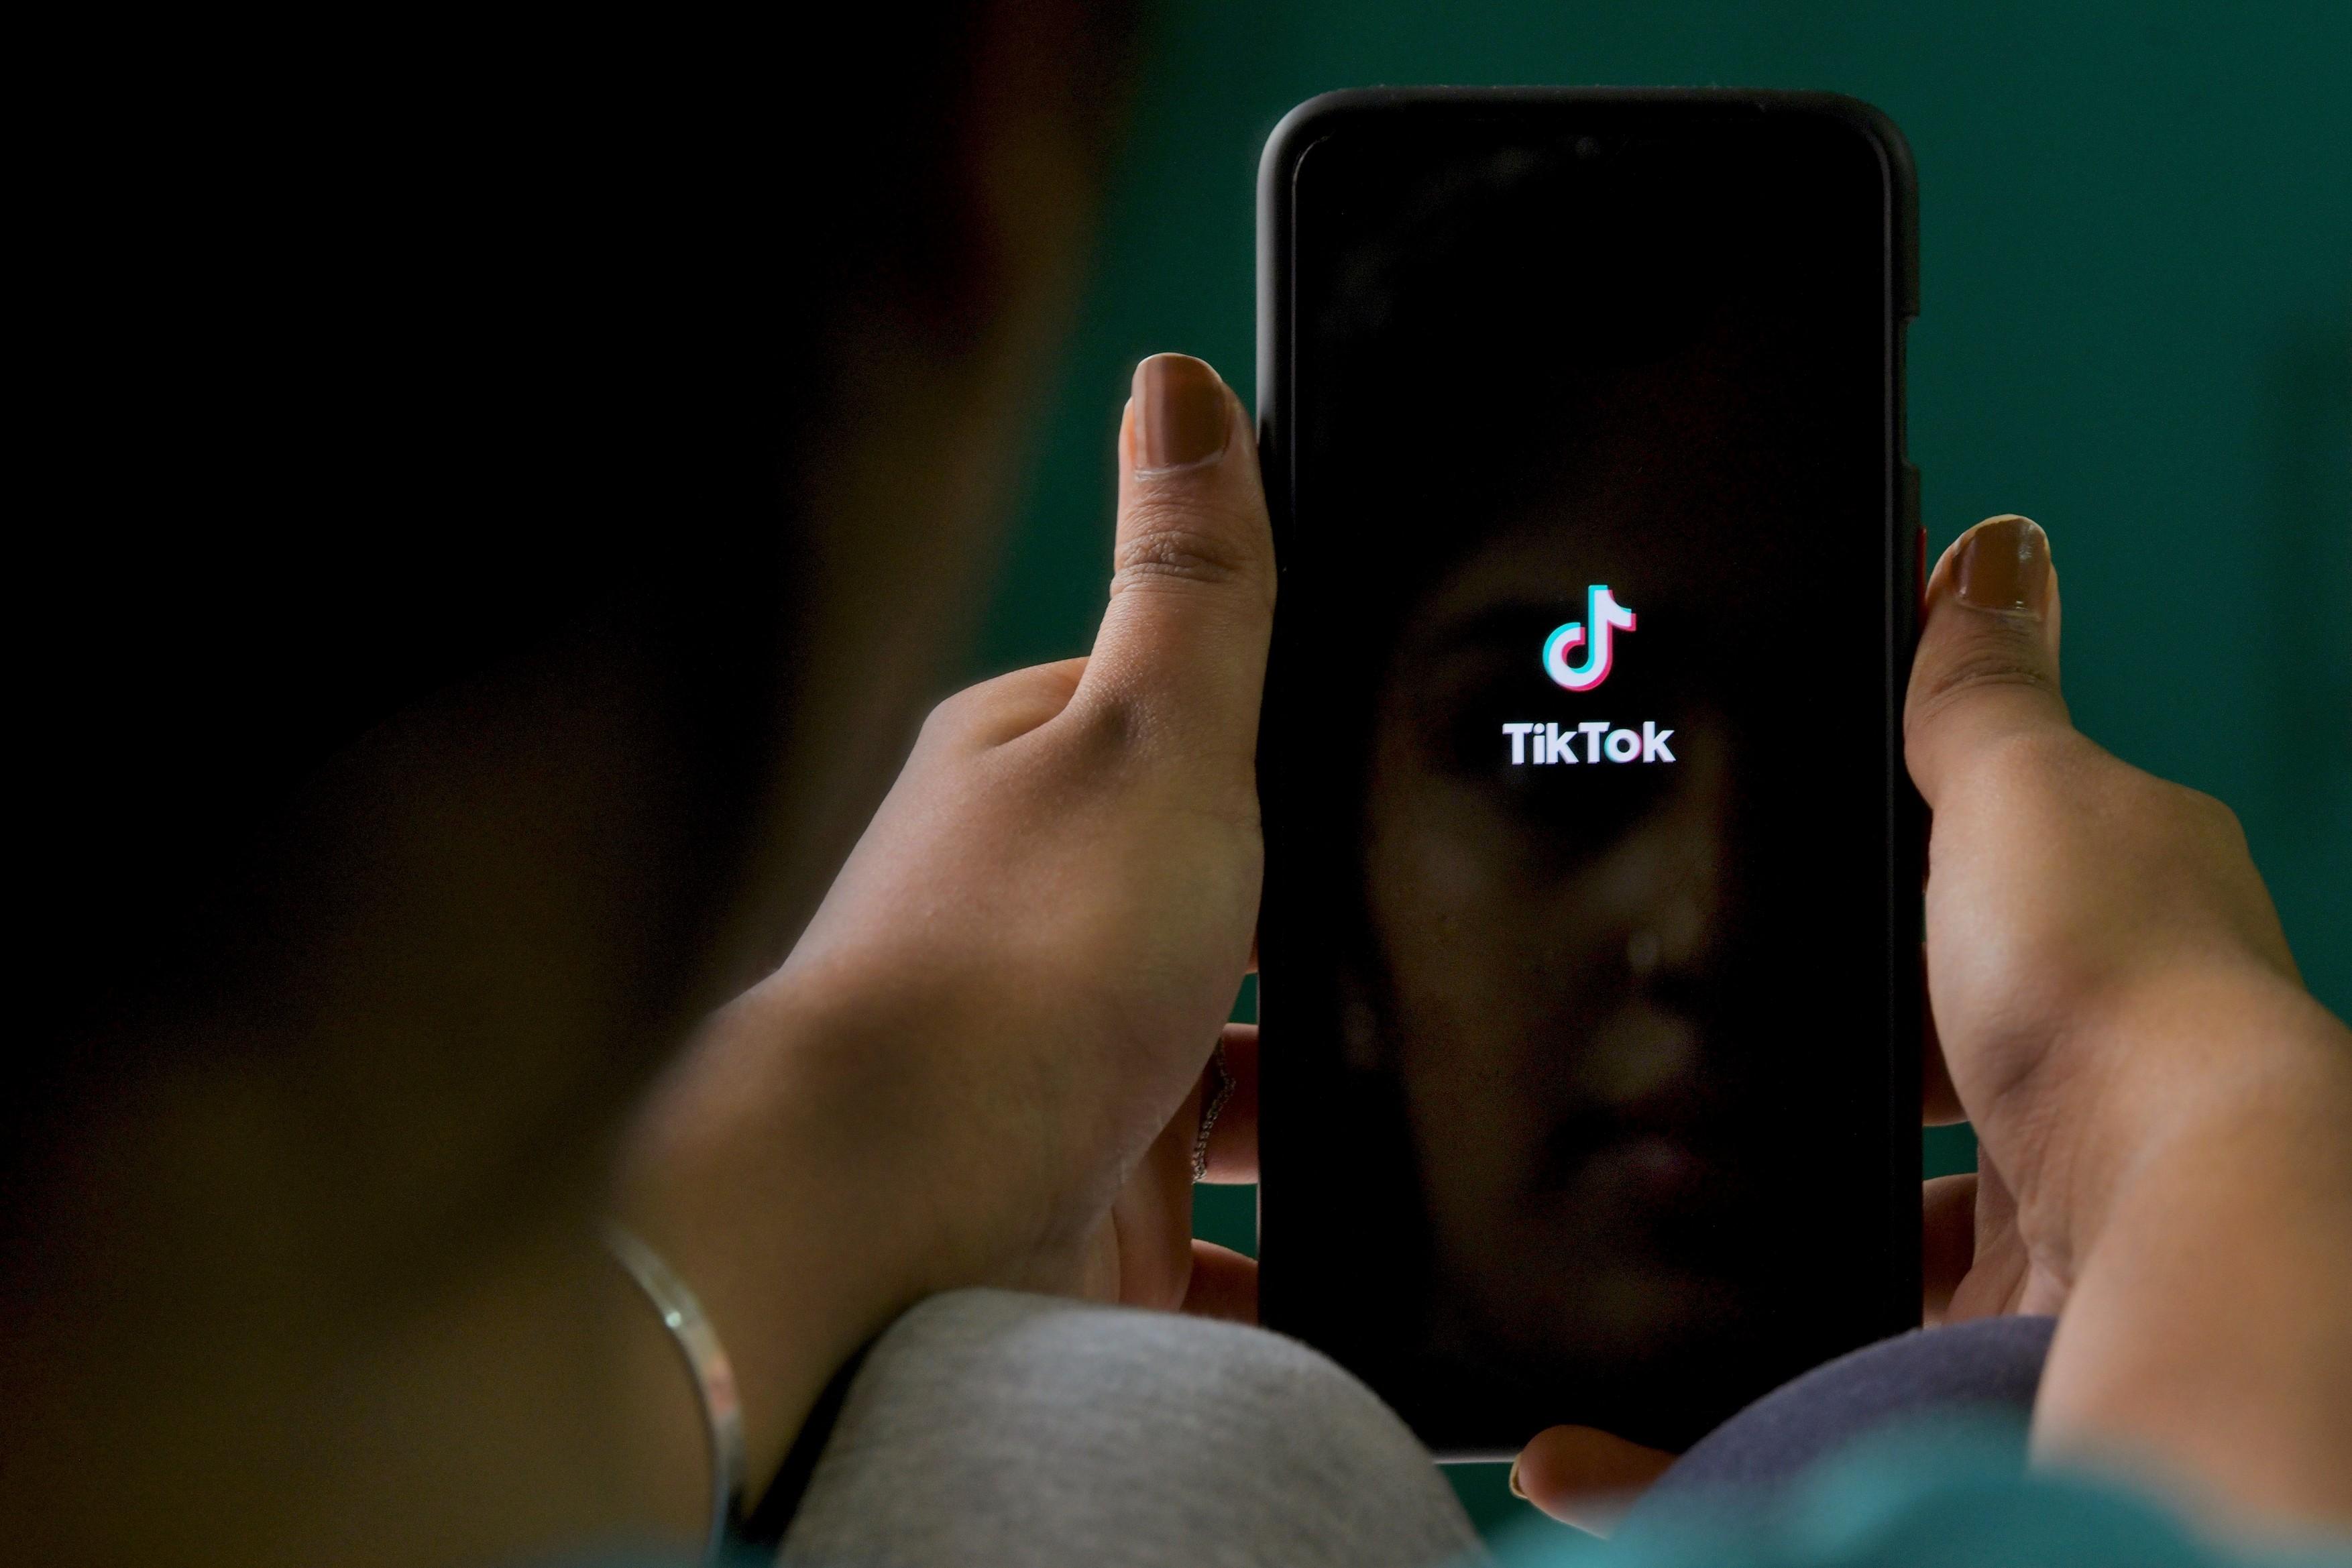 TikTok și WeChat, interzise de duminică în SUA. China anunţă represalii împotriva Washingtonului